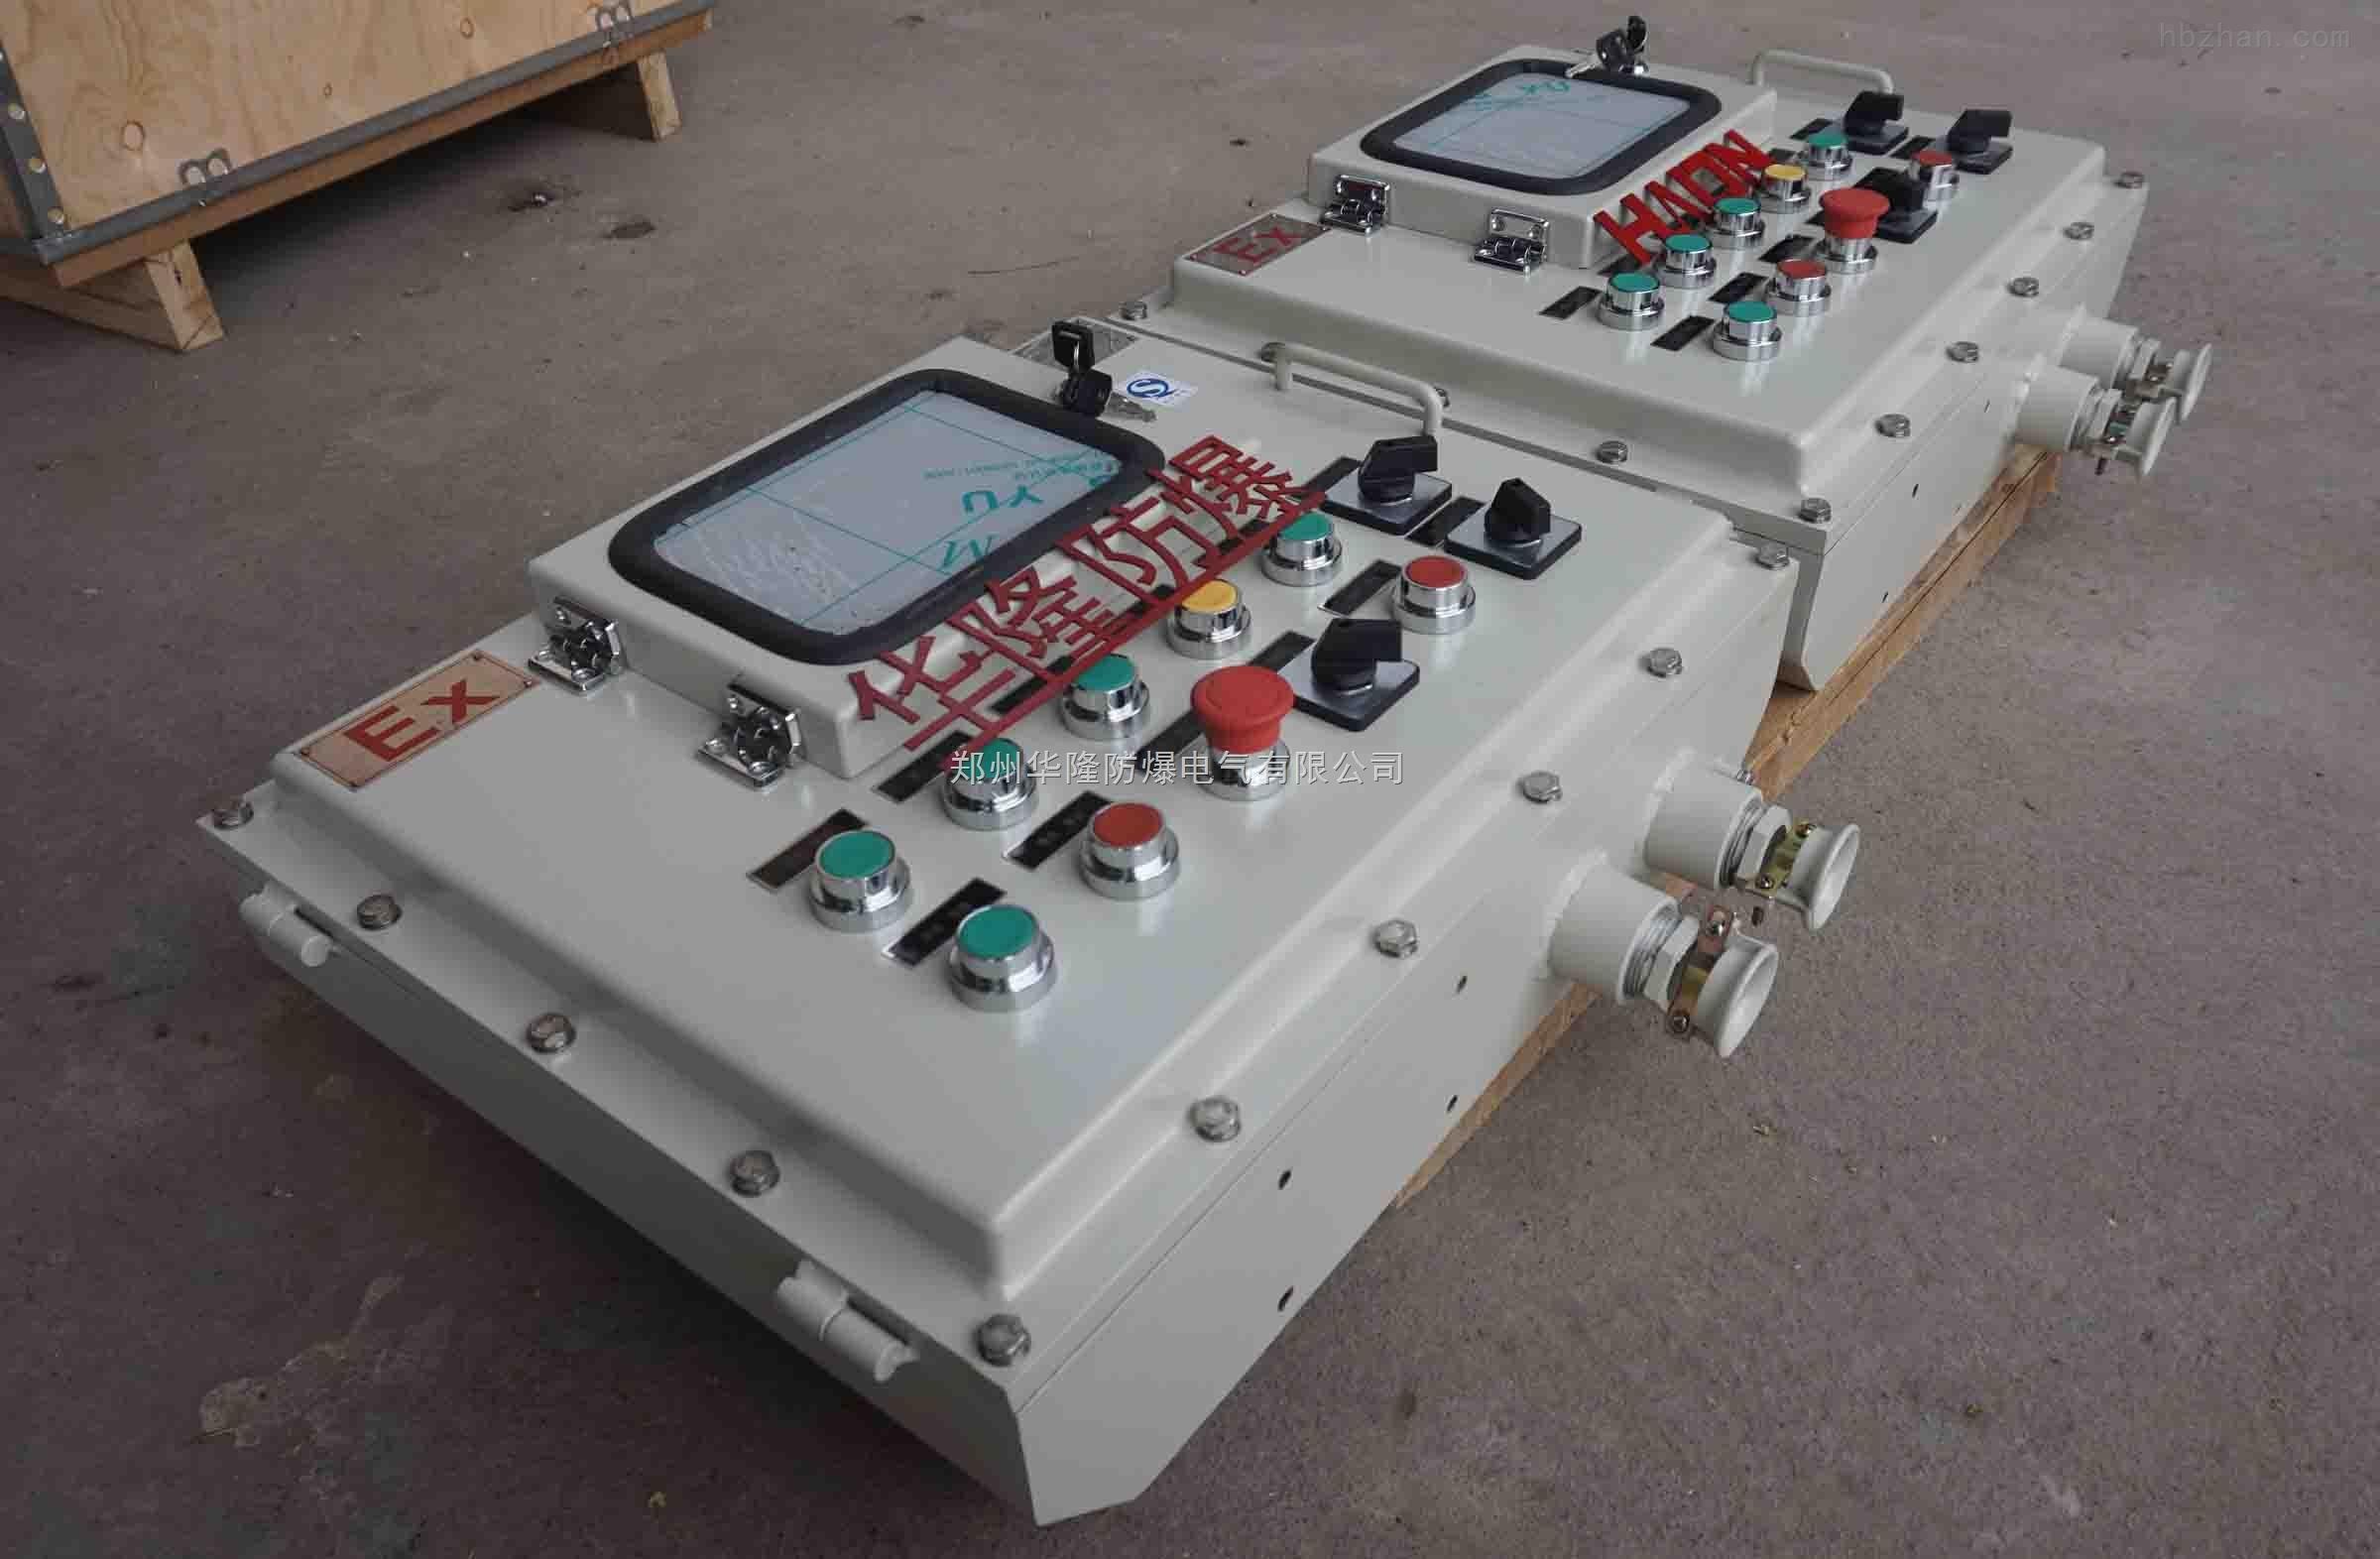 产品库 电气设备/工业电器 防爆电器 防爆控制箱 现场防爆仪表控制箱